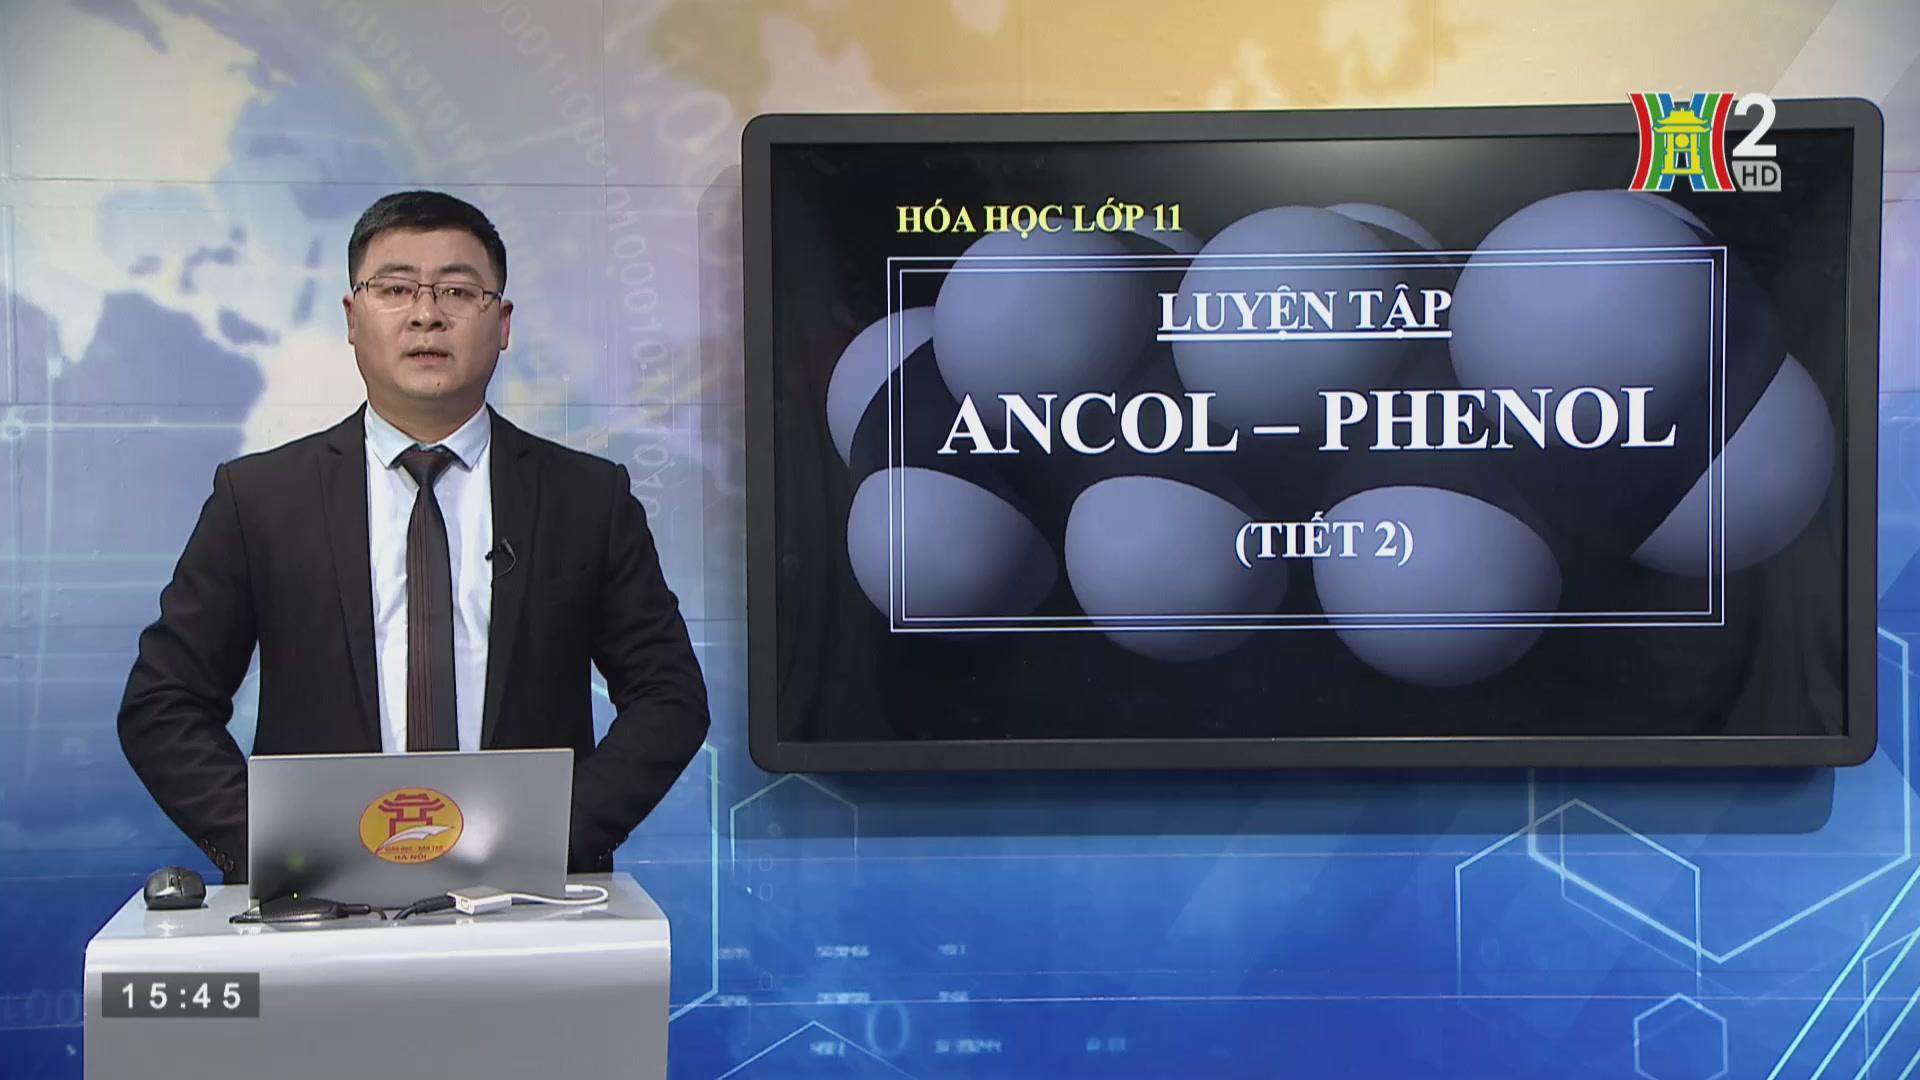 Bài 42: Luyện tập Ancol - Phenol (Tiết 2)